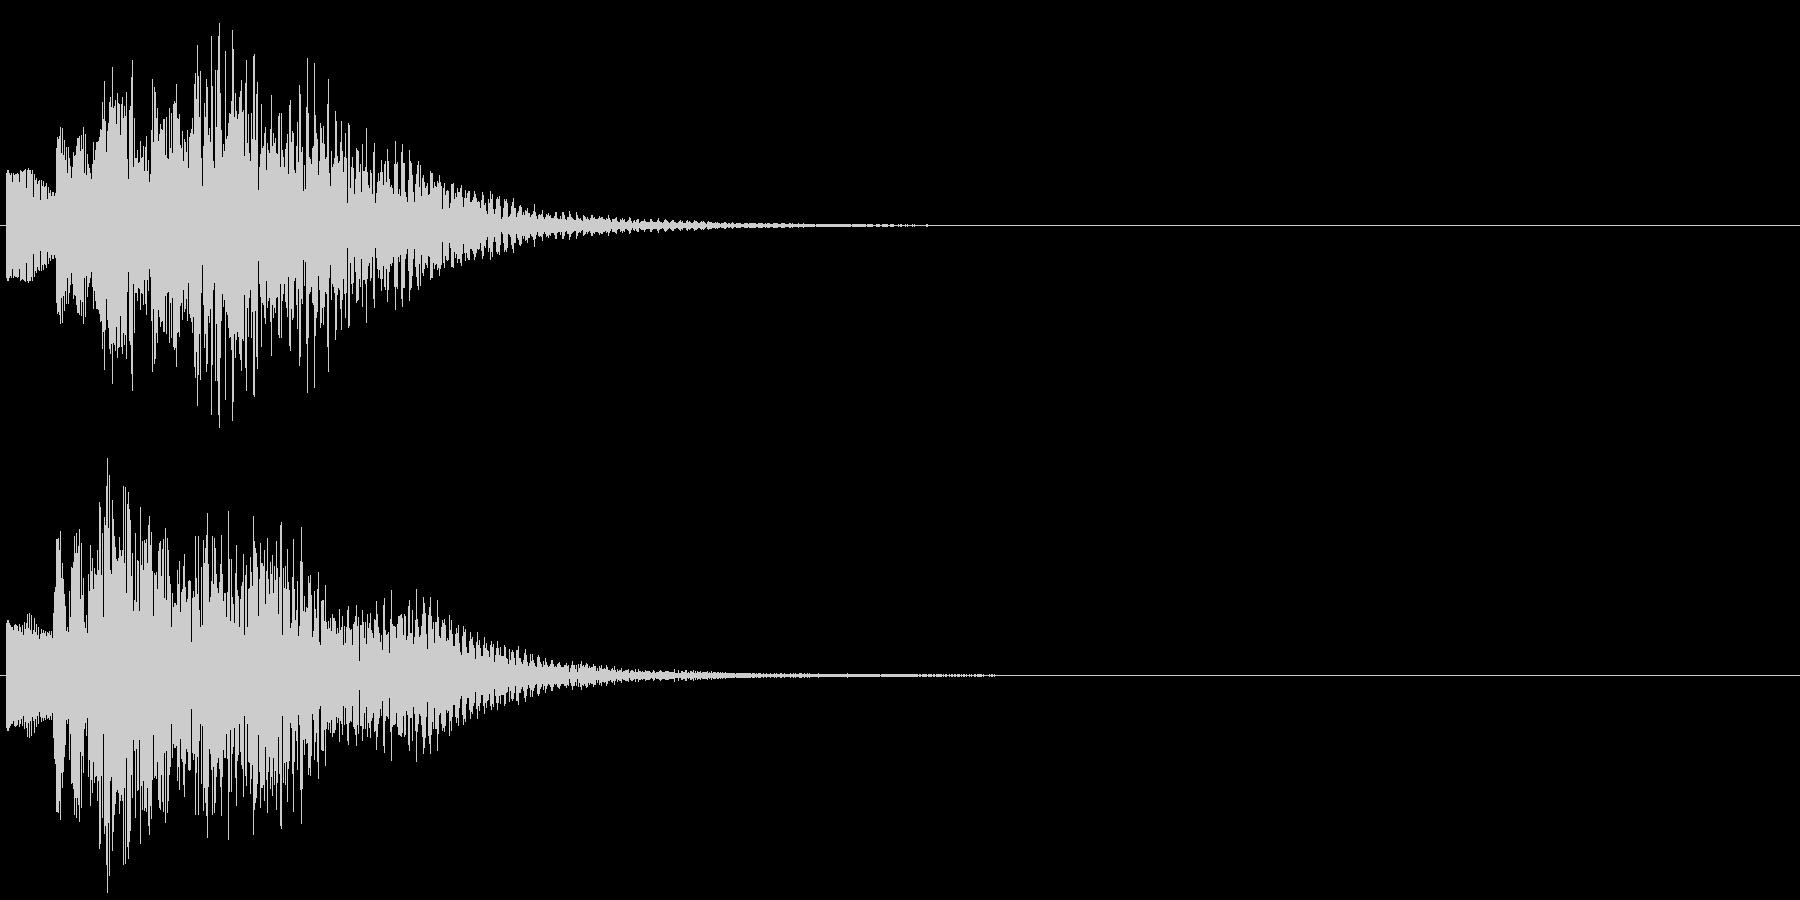 お知らせ タイトル チャイム ロゴ音8の未再生の波形